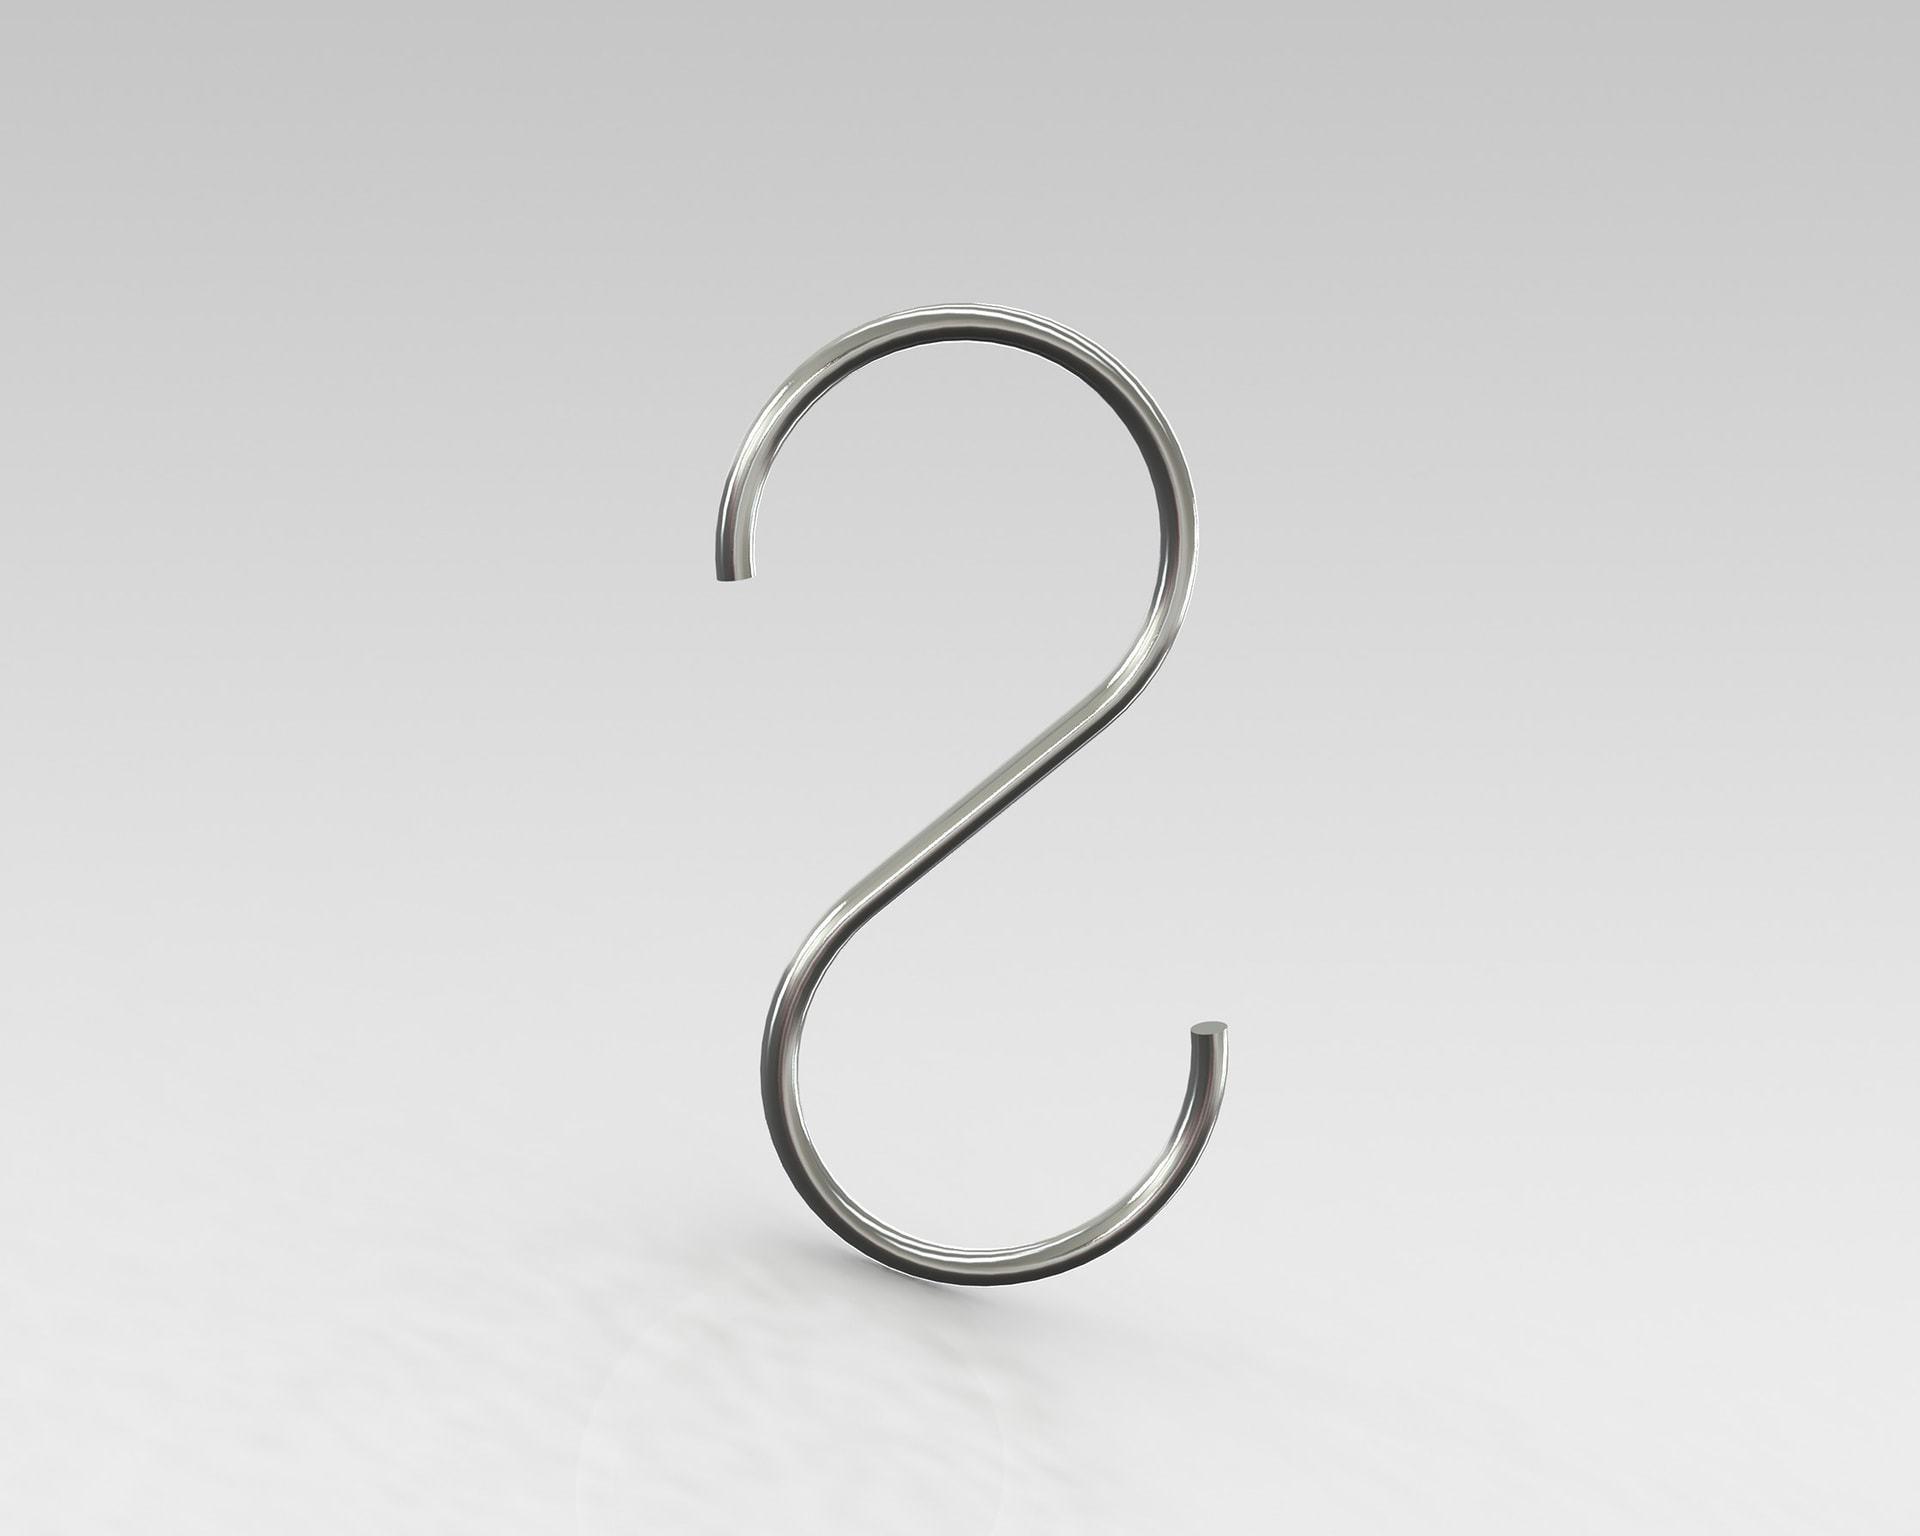 PEK3 Easytube Metal Accessories PH-B